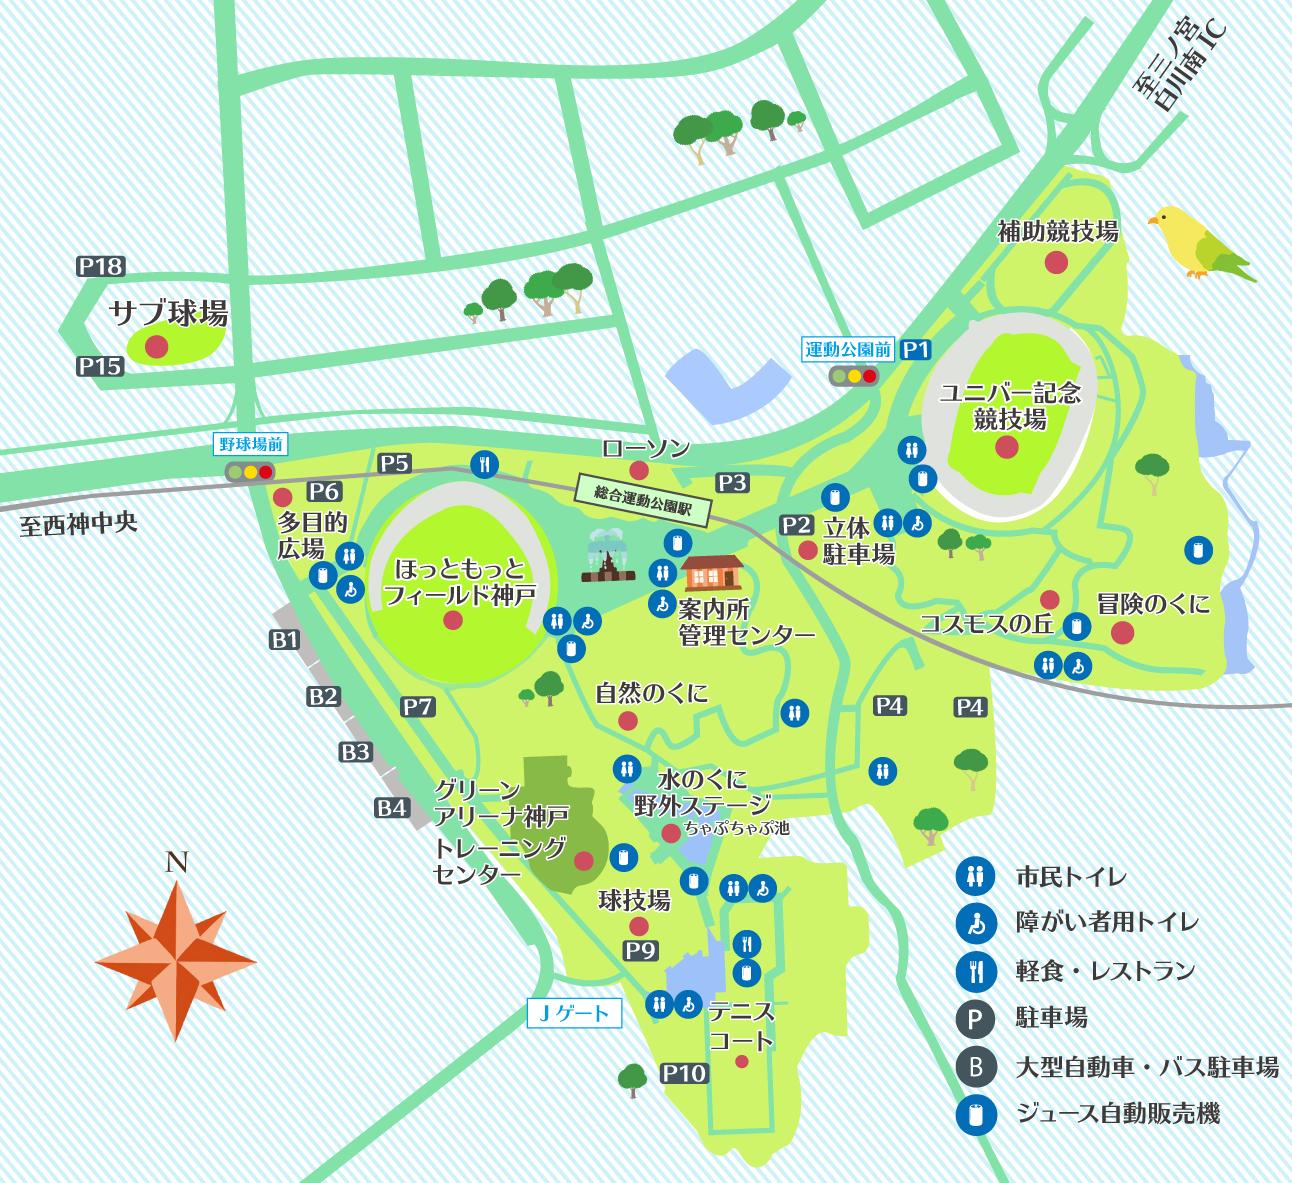 神戸総合運動公園マップ